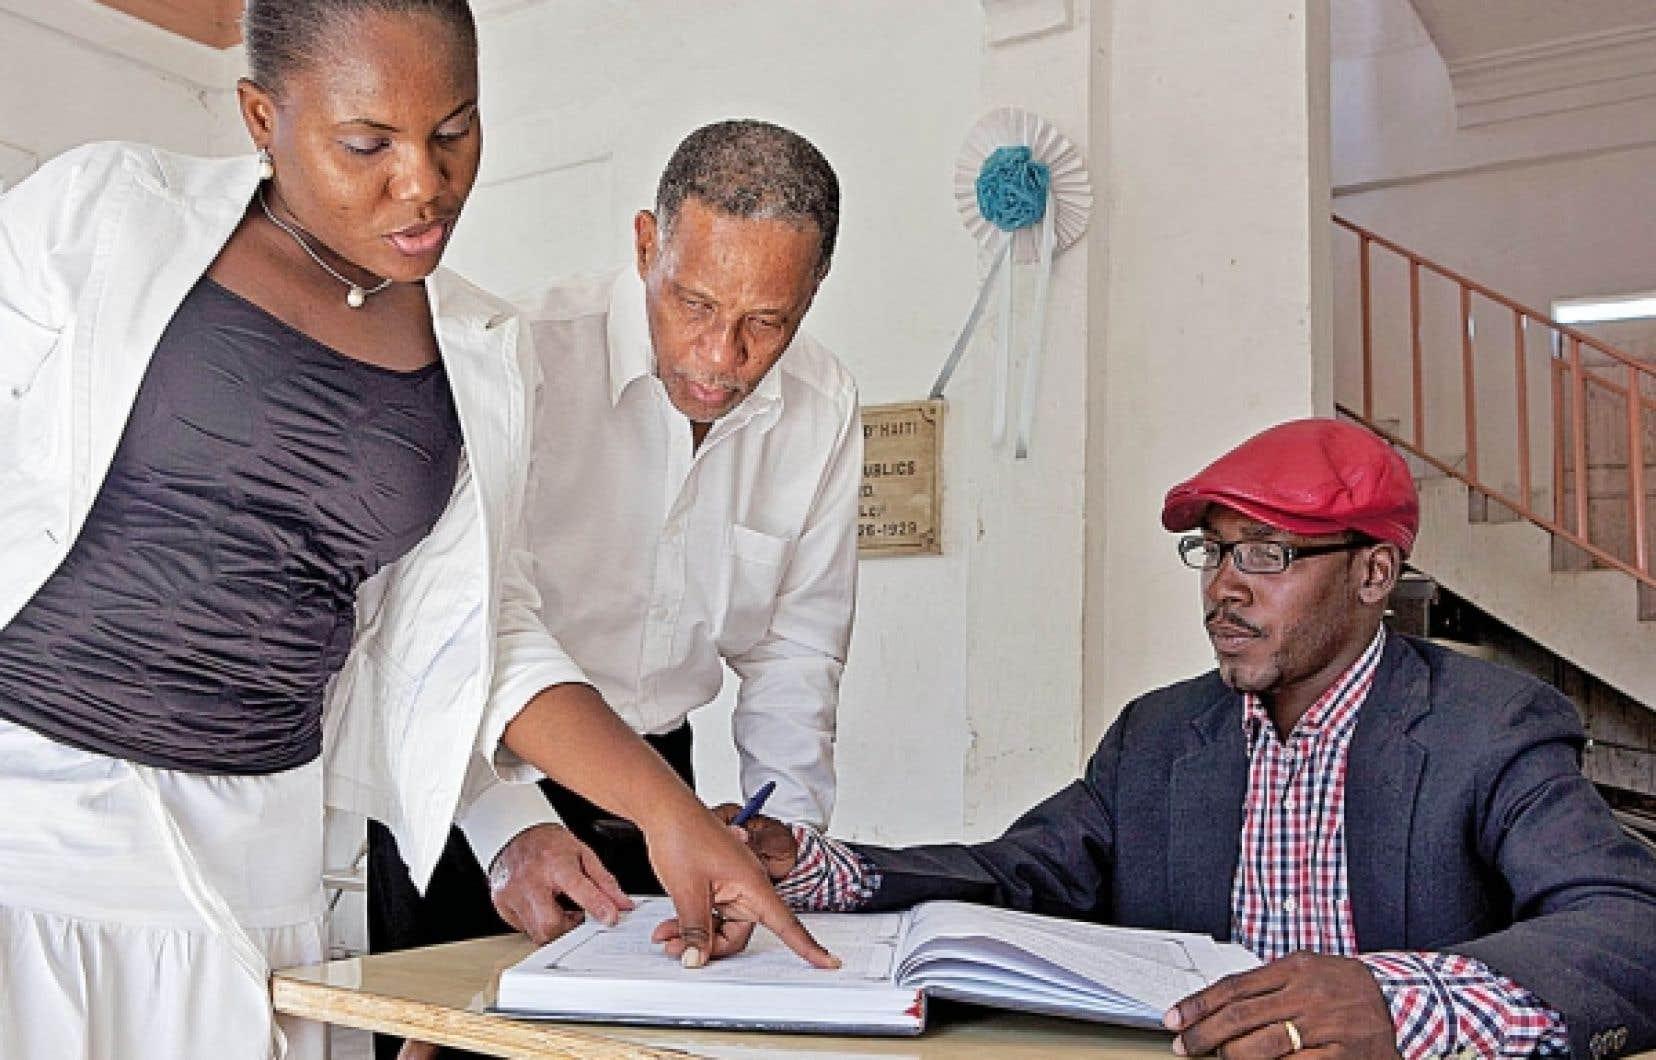 Le secrétaire d'État à l'Intégration des personnes handicapées, Michel Archange Péan, lui-même aveugle, est entouré de son assistante, Guerline Dardignac, et du responsable du registre de la ville de Léogane, Junio Louidor.